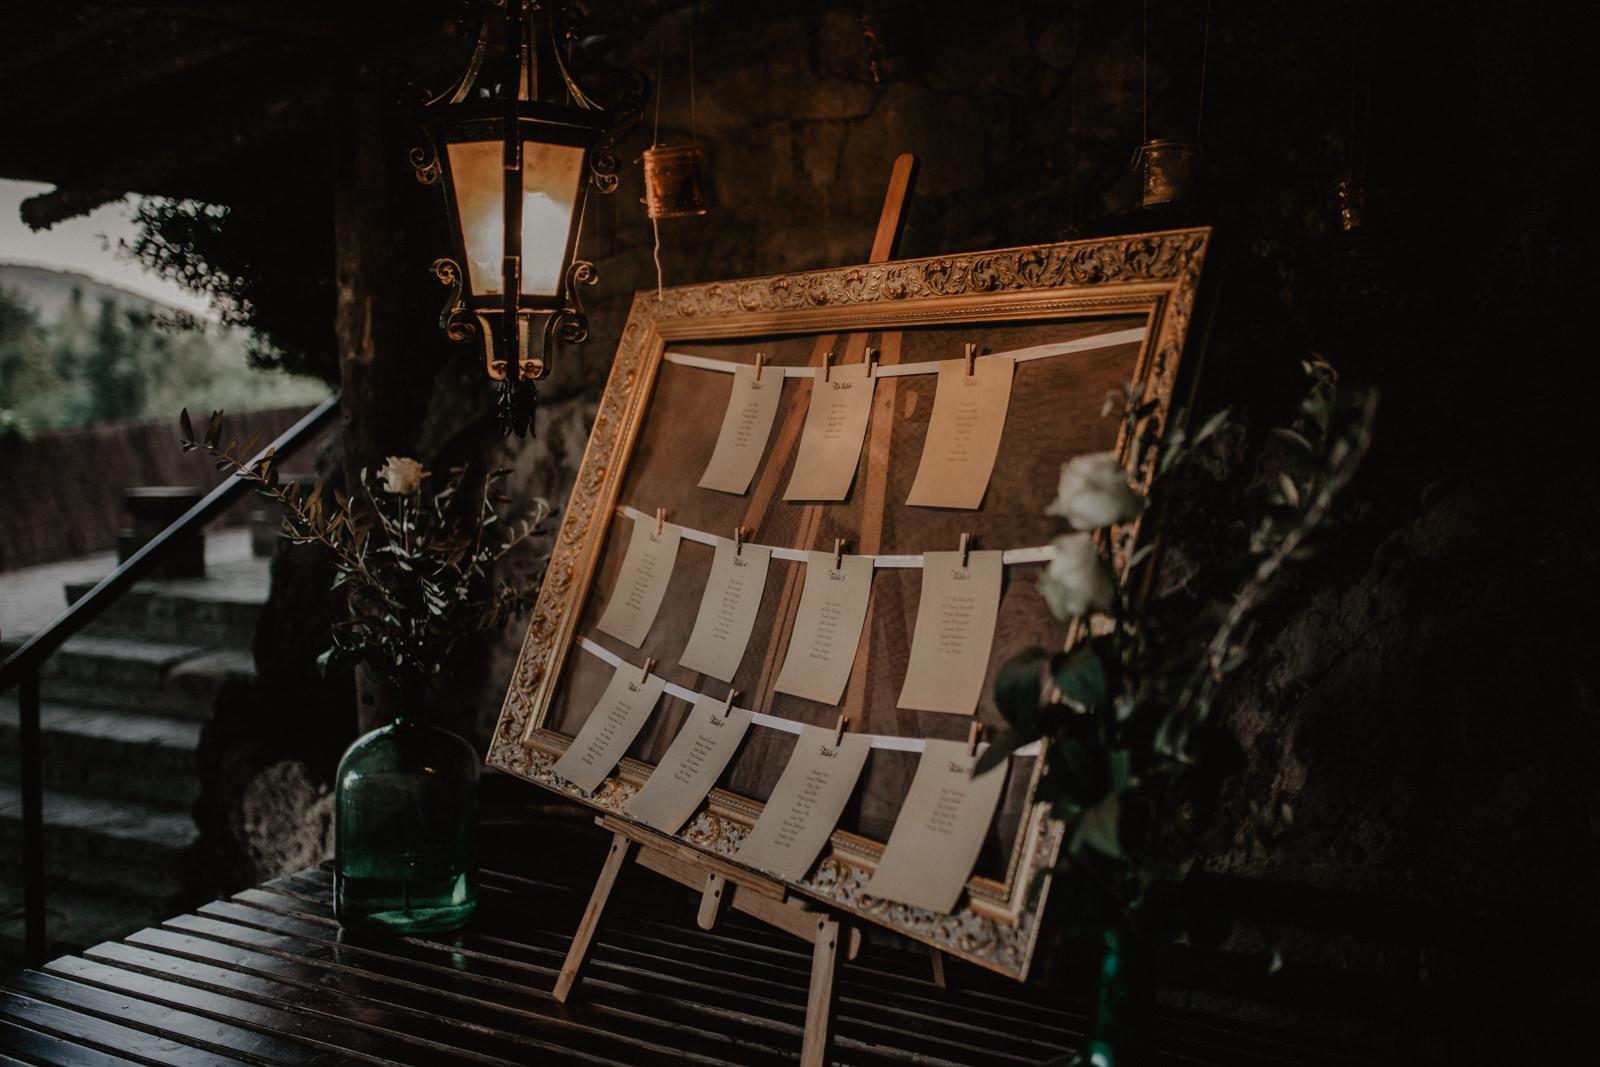 thenortherngirlphotography_photography_thenortherngirl_rebeccascabros_wedding_weddingphotography_weddingphotographer_barcelona_bodaenlabaronia_labaronia_japanesewedding_destinationwedding_shokoalbert-733.jpg